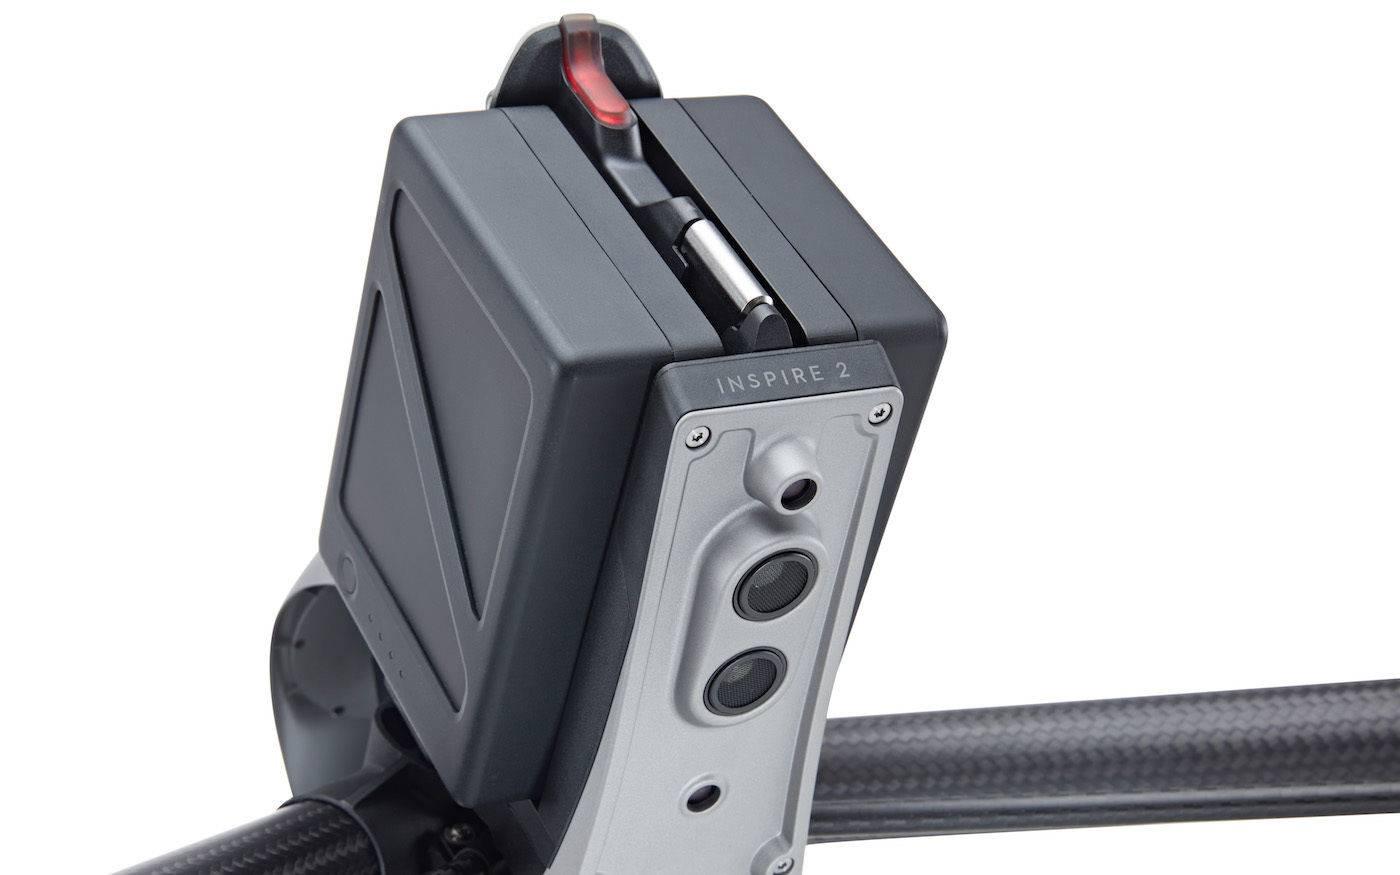 10下视双目视觉系统和超声波感知系统支持无GPS情况下的室内定位-白底.jpg